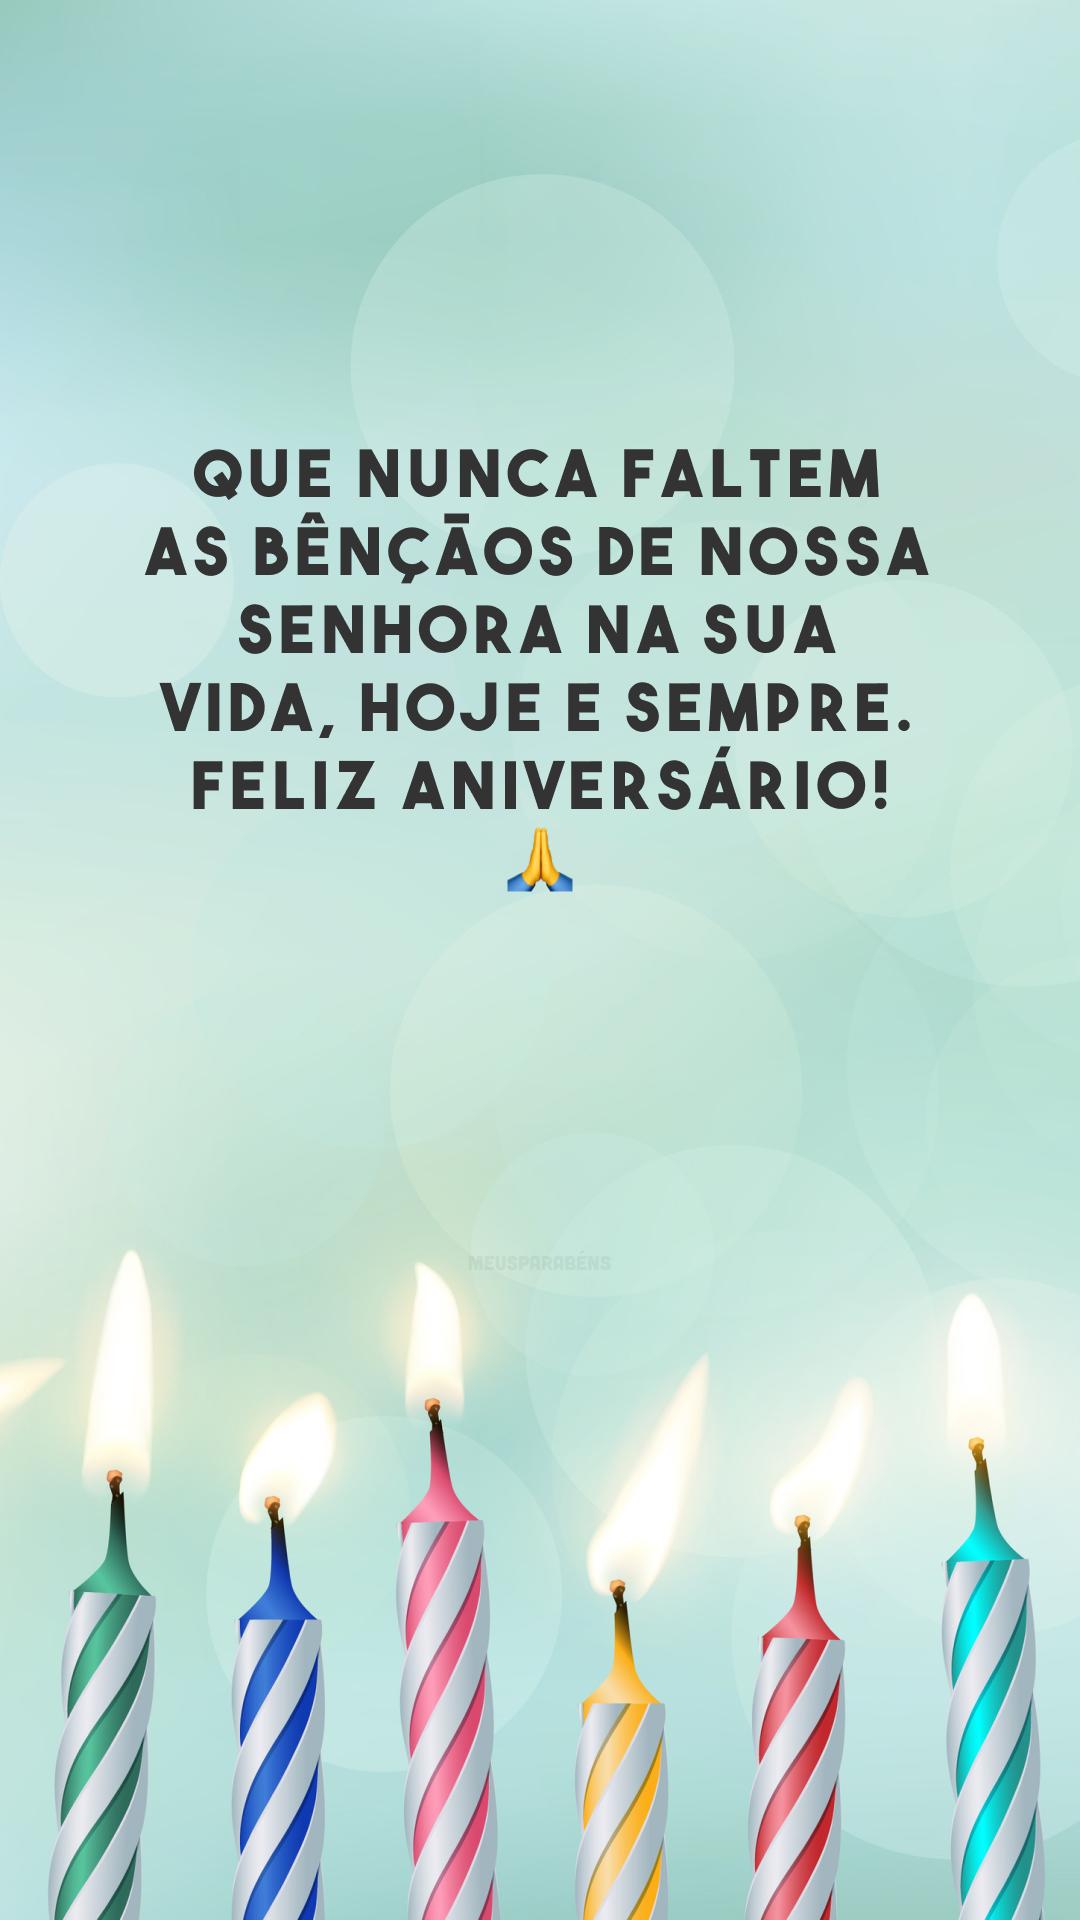 Que nunca faltem as bênçãos de Nossa Senhora na sua vida, hoje e sempre. Feliz aniversário! 🙏